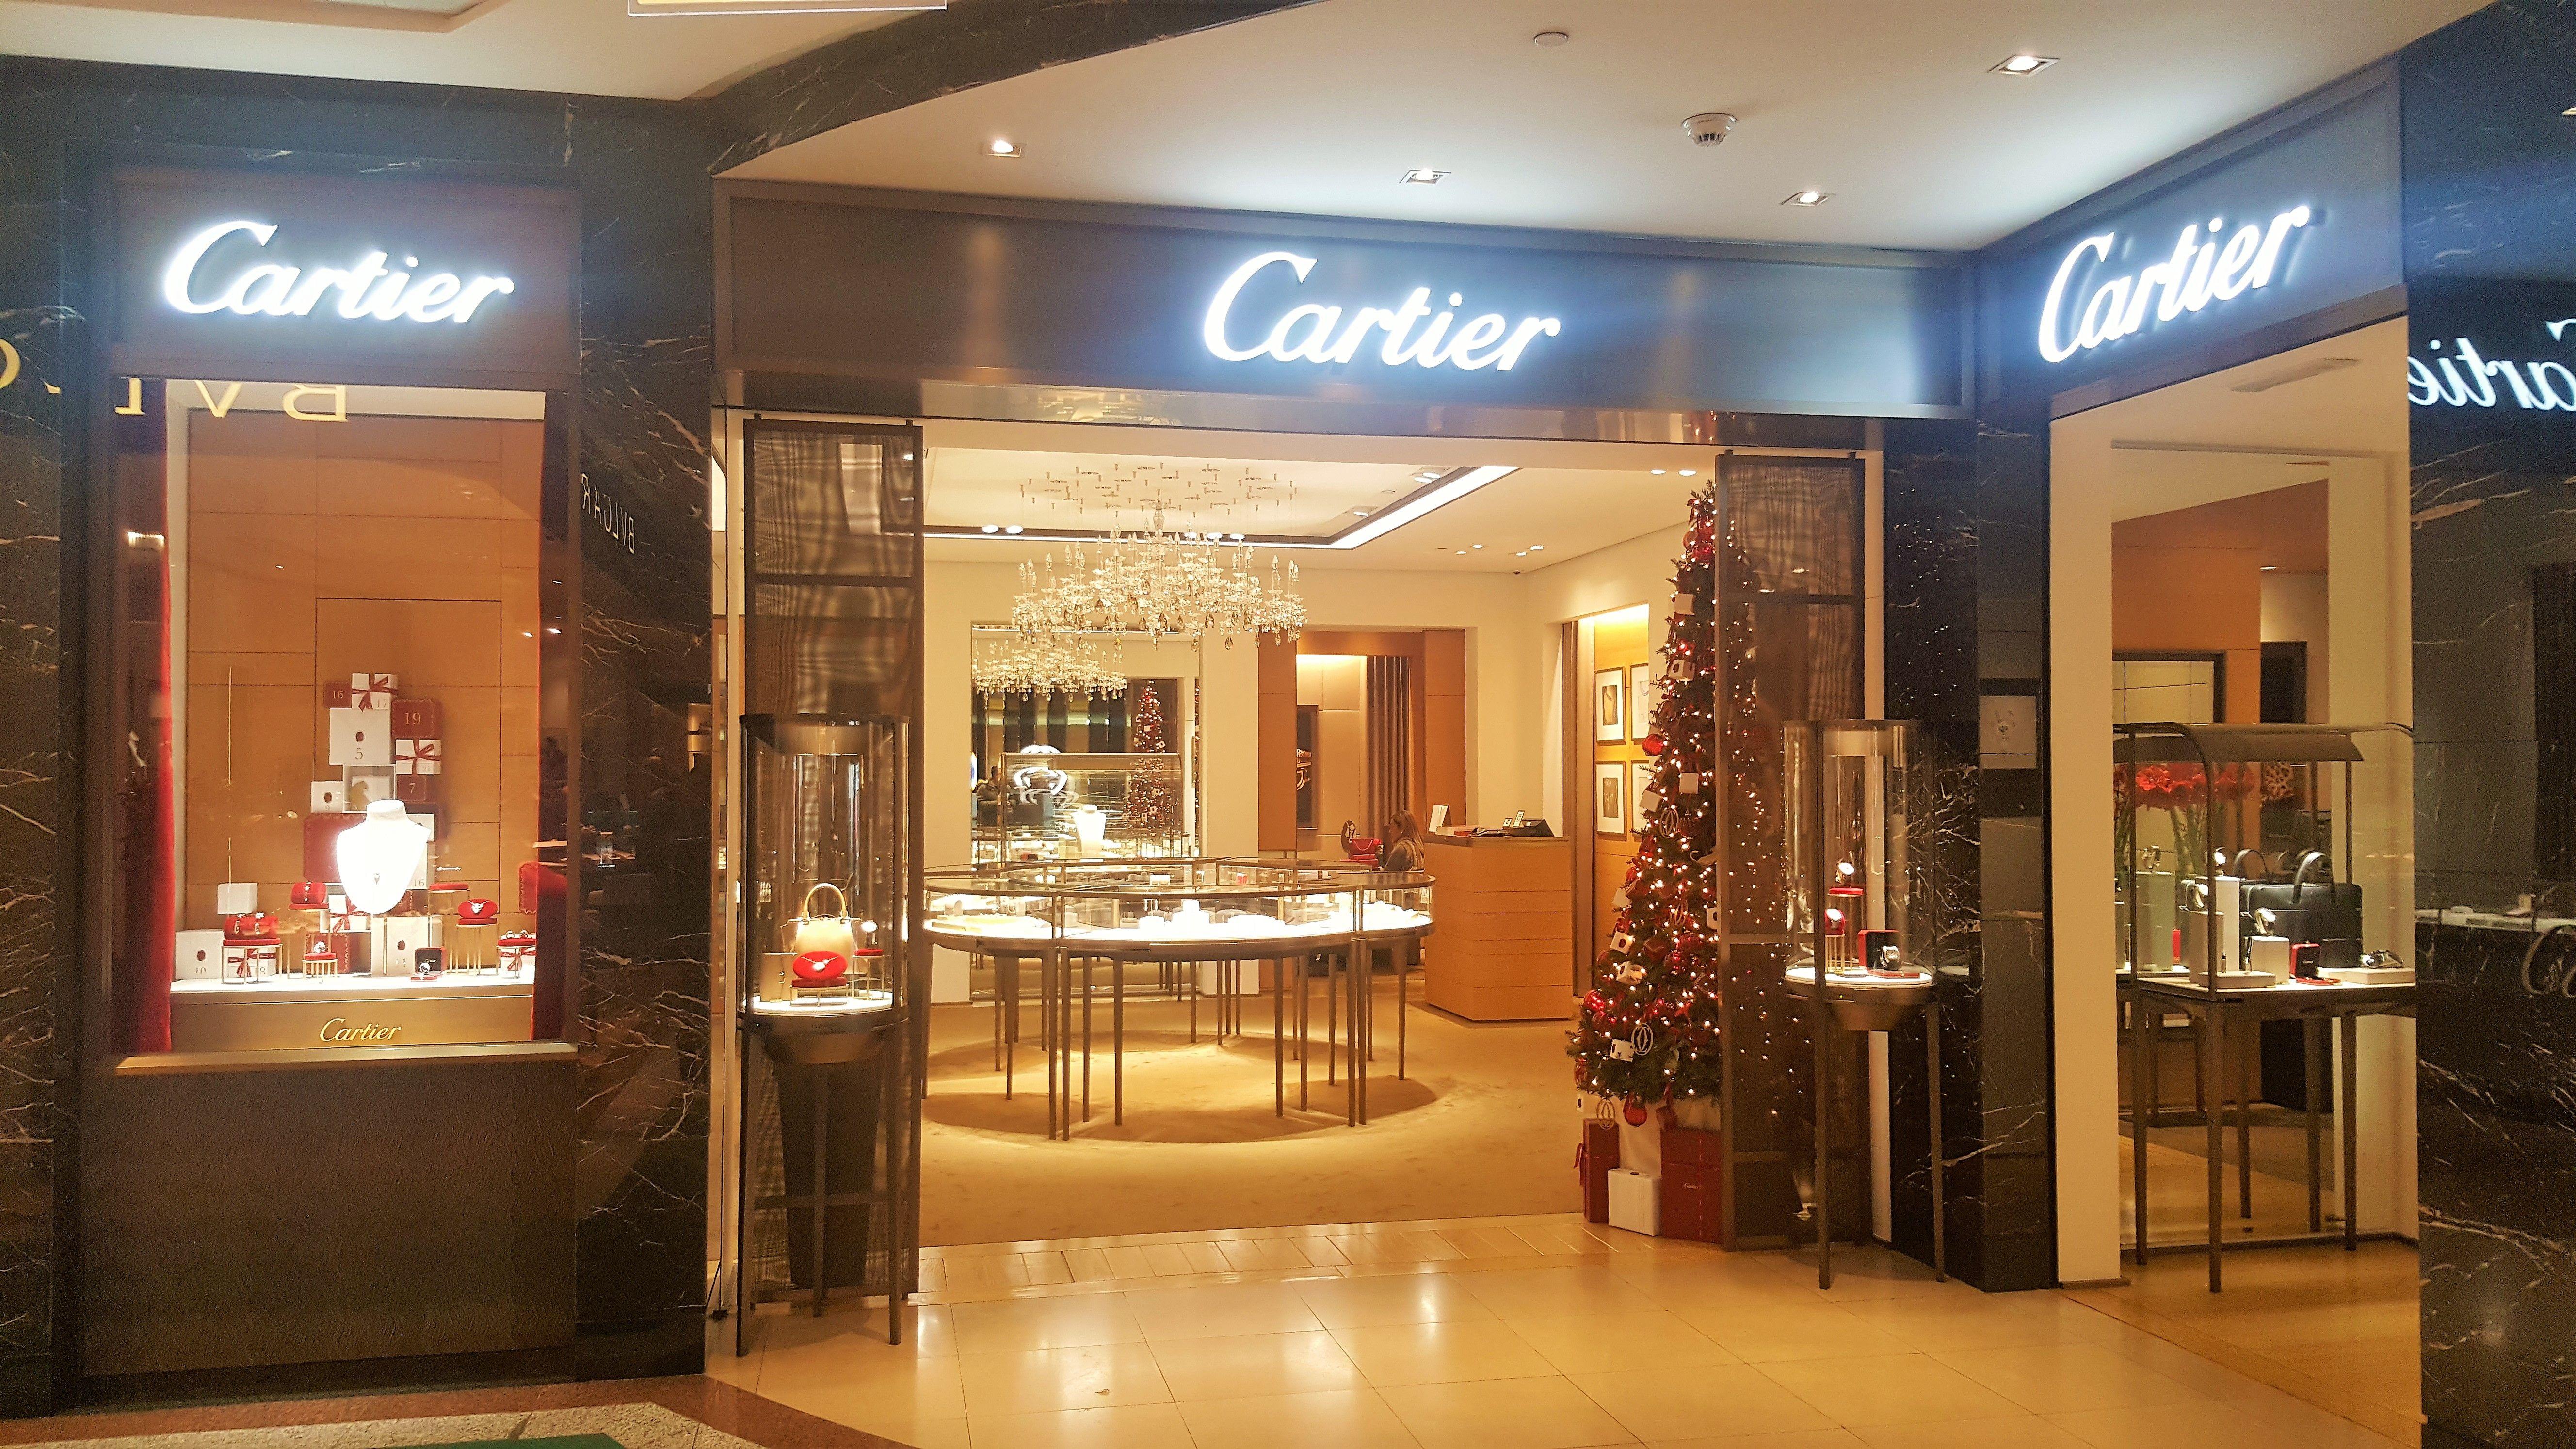 cd233a842fb7 Tienda Cartier en el interior del Corte Inglés de Castellana (Madrid).  Diciembre 2016